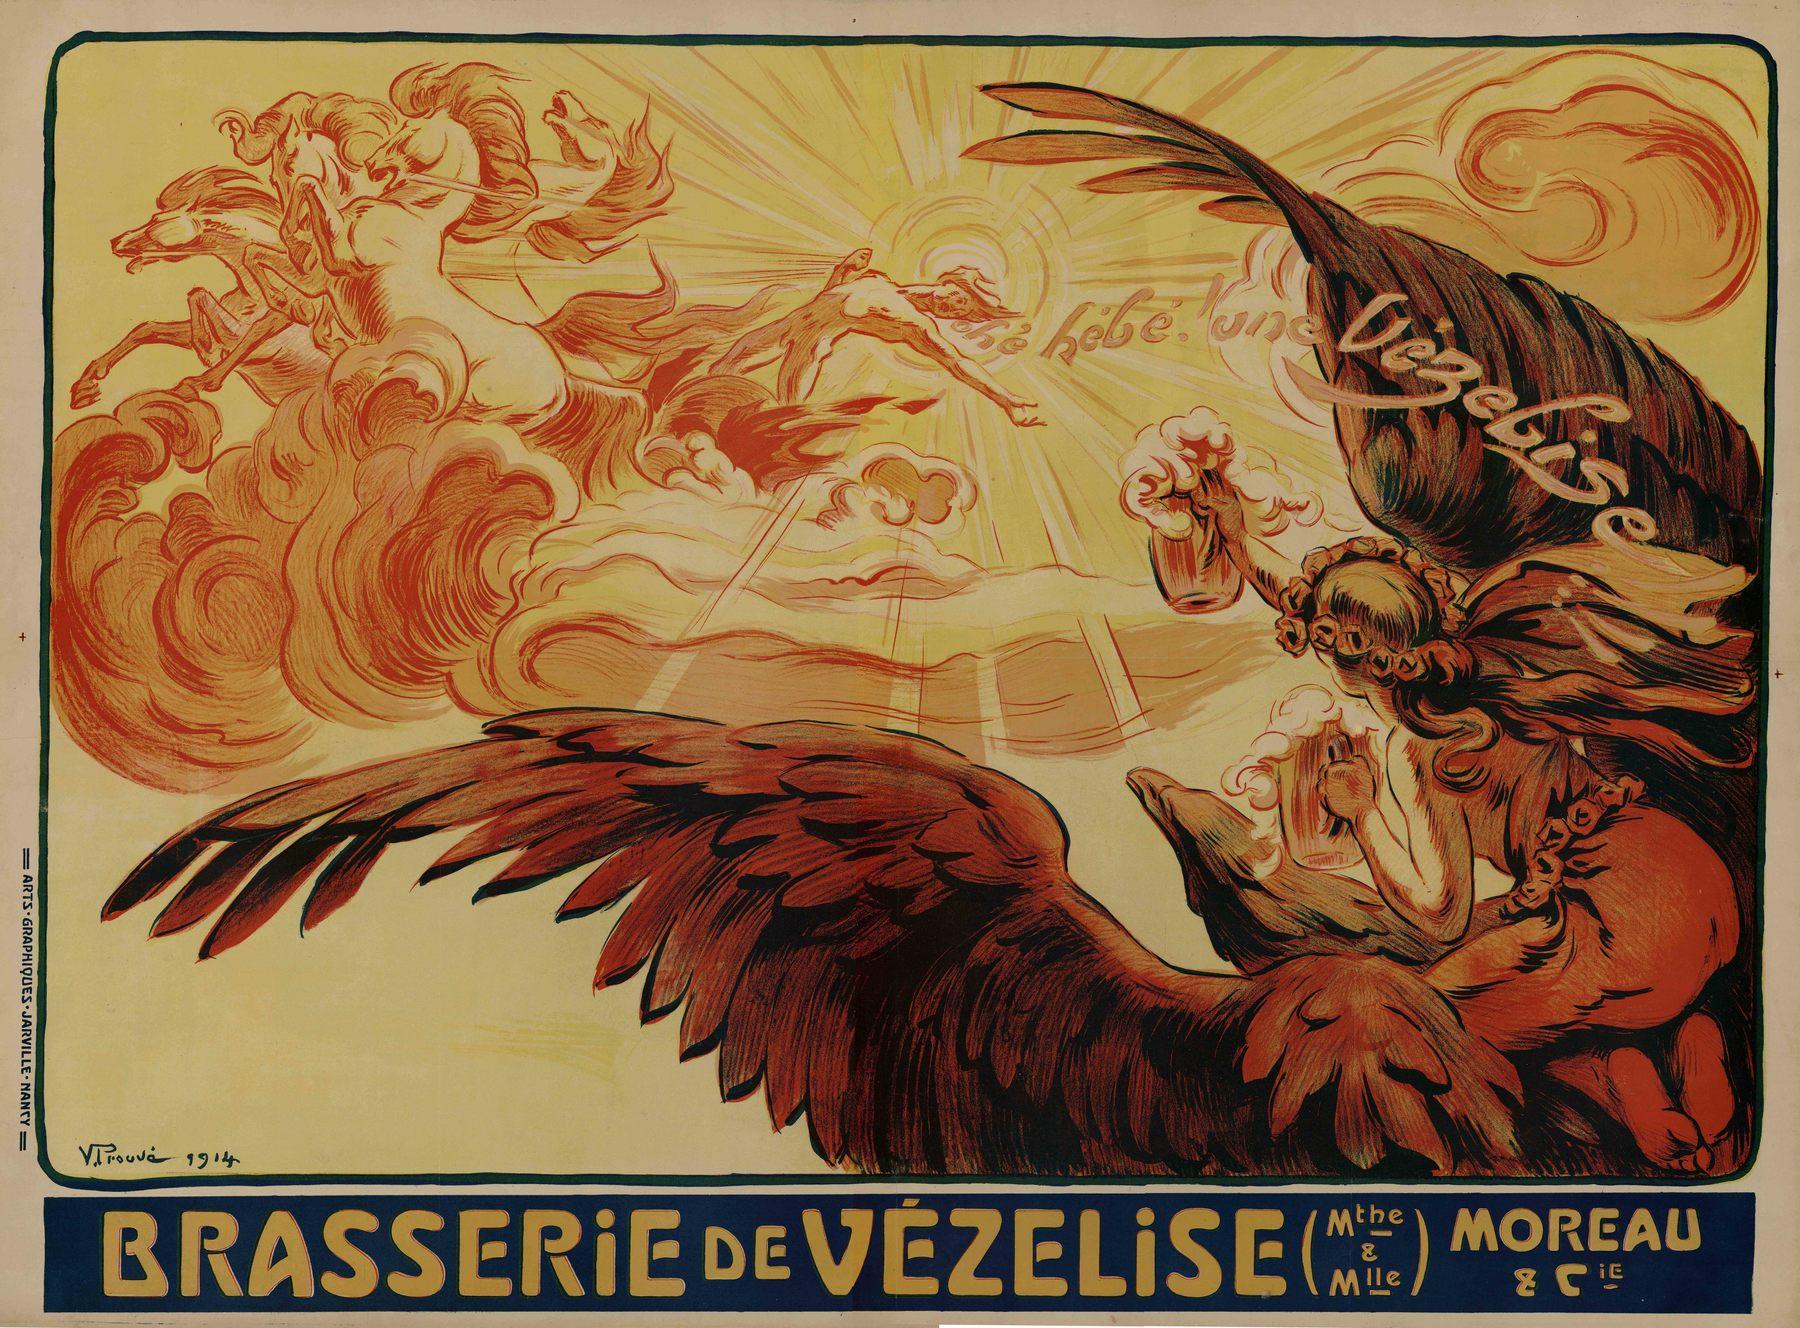 Contenu du Brasserie de Vézelise Moreau & Cie